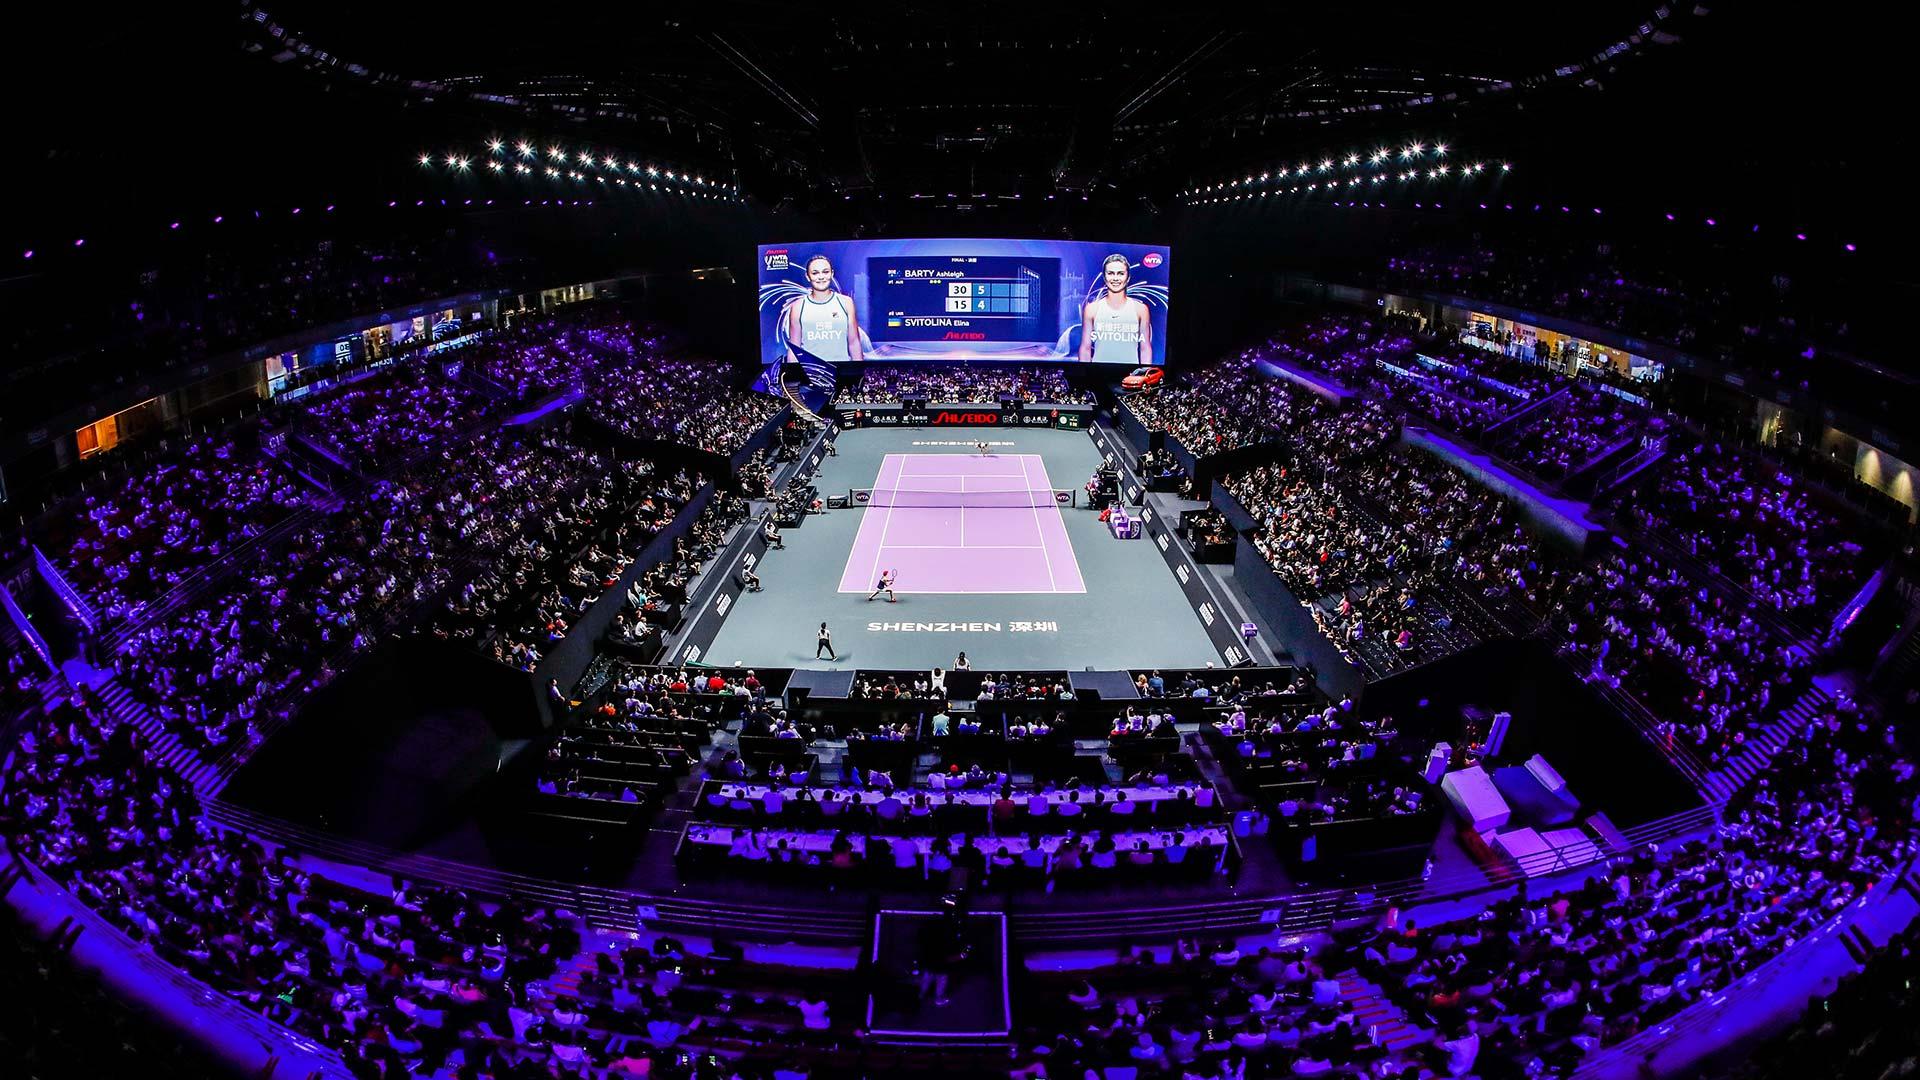 Wta Tour Finals 2021